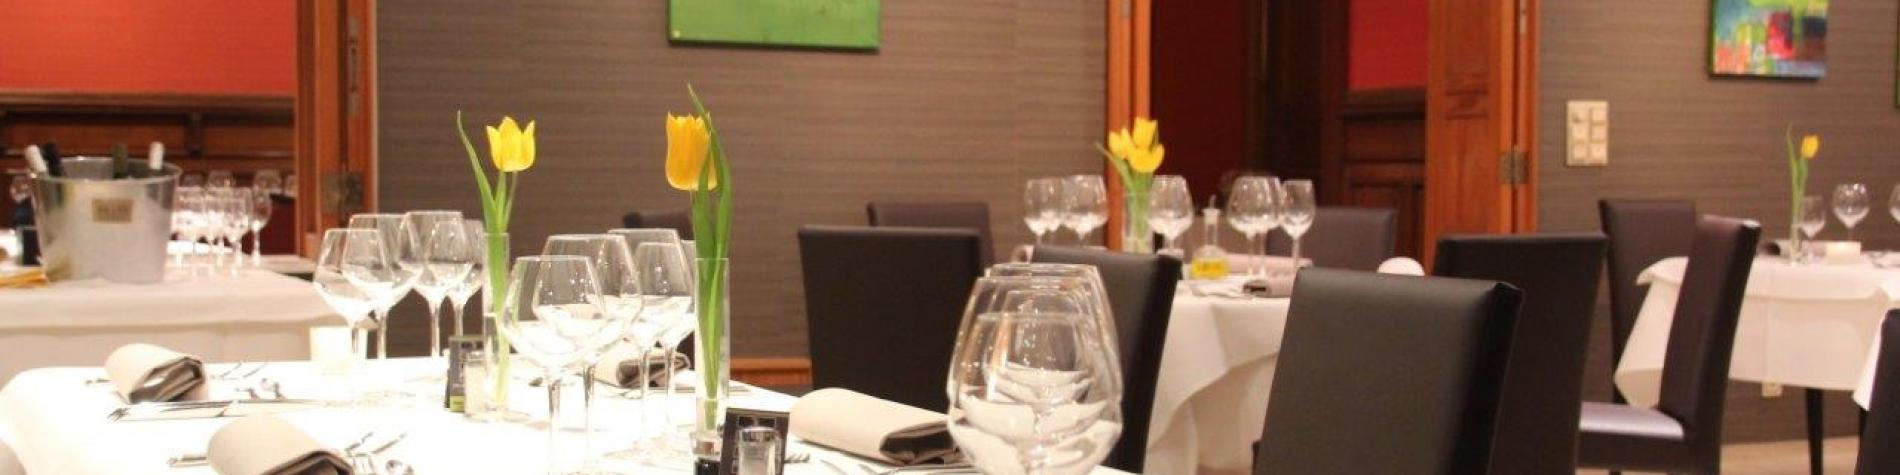 Hostellerie Dispa, un hotel encantador con alta gastronomía